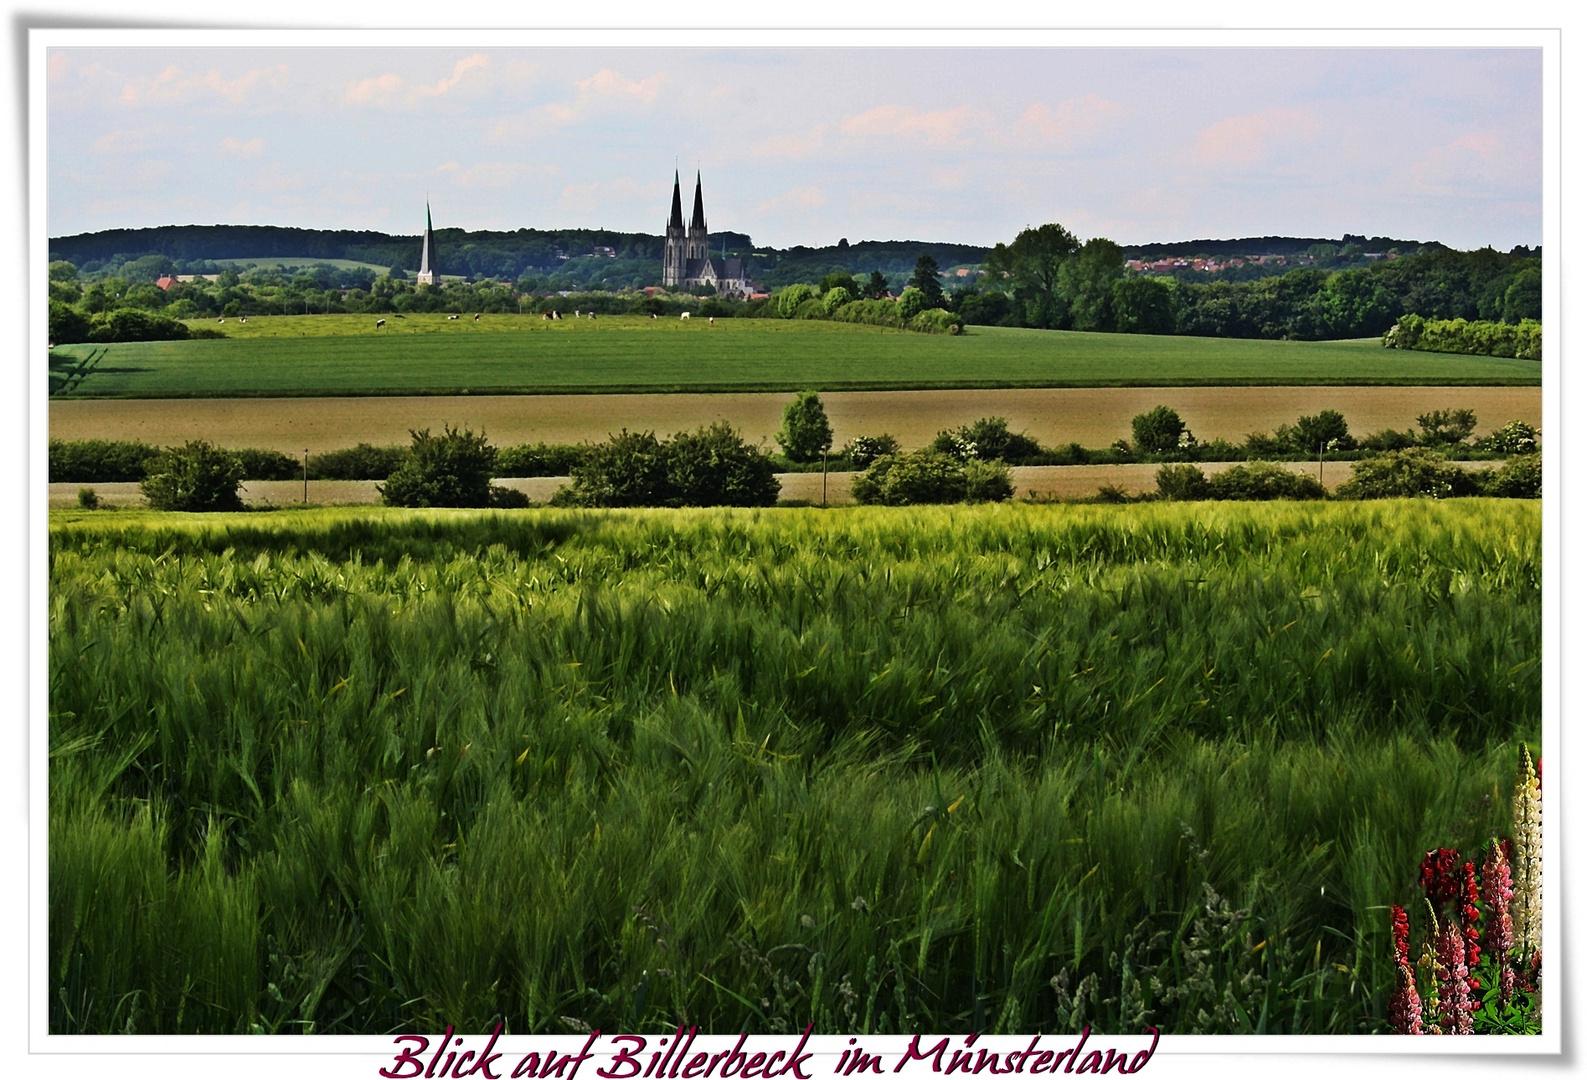 Blick auf Billerbeck